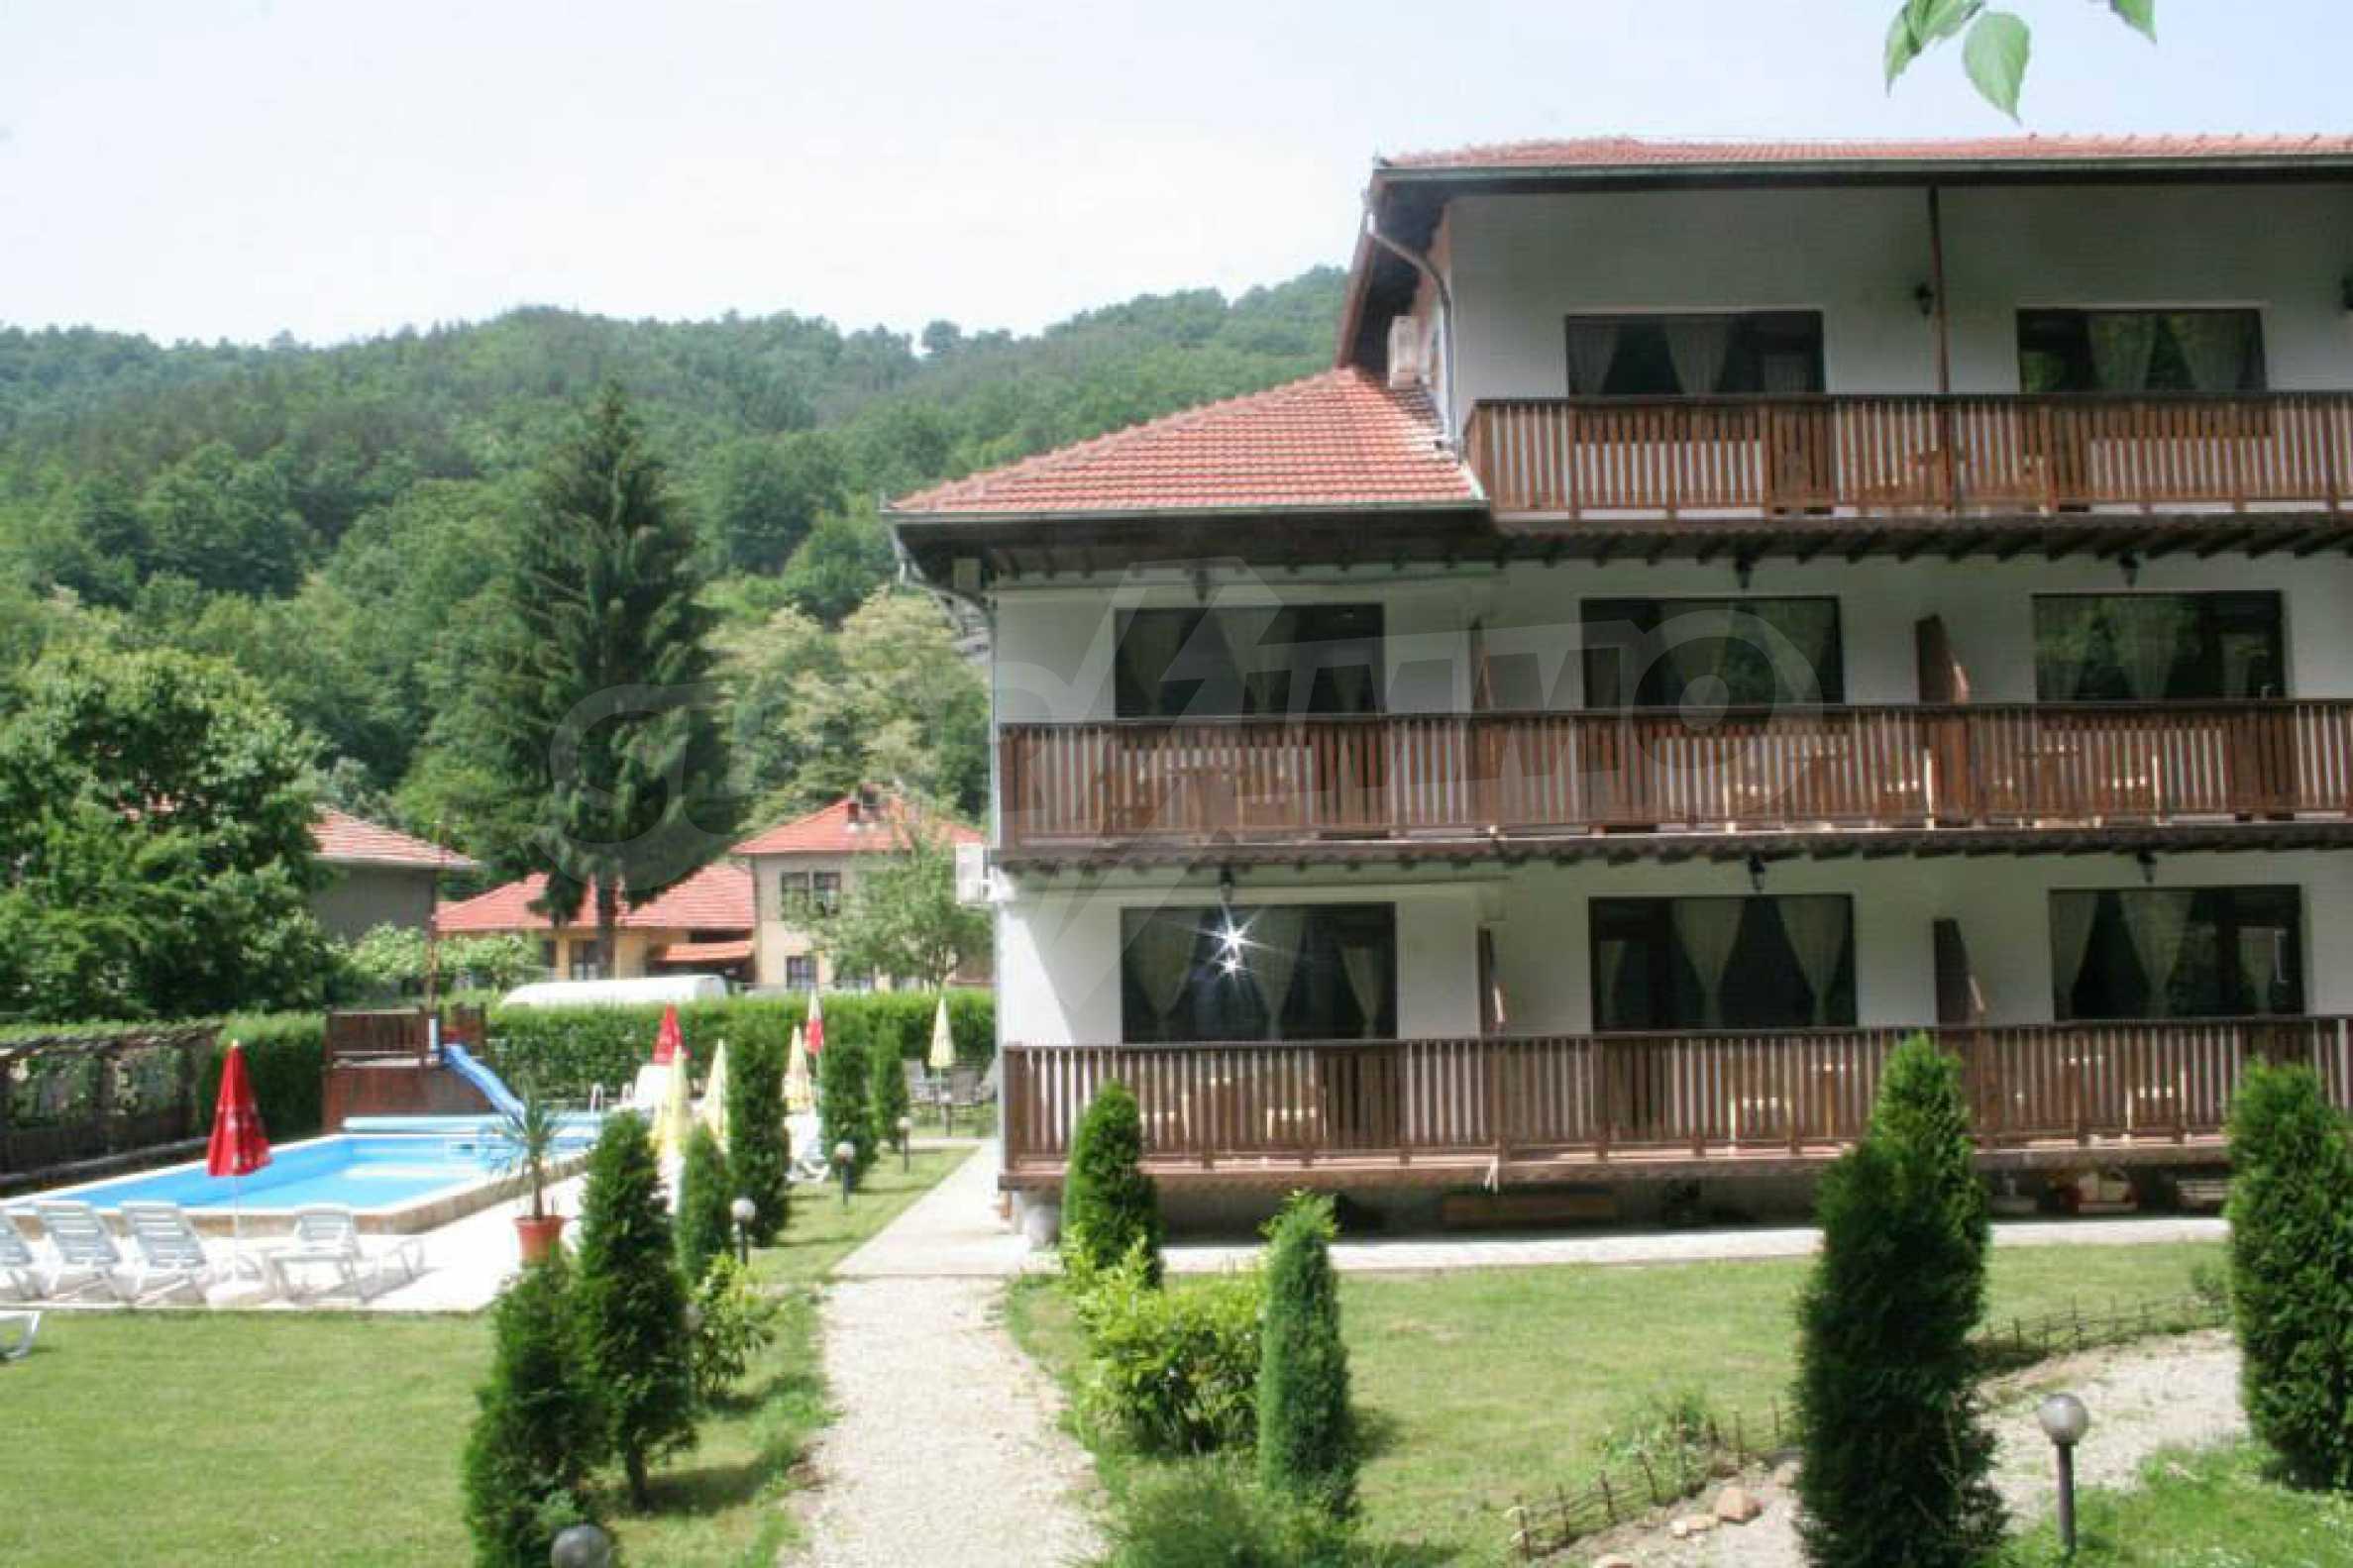 Gemütliches Hotel mit Pool im Herzen des Balkangebirges 50